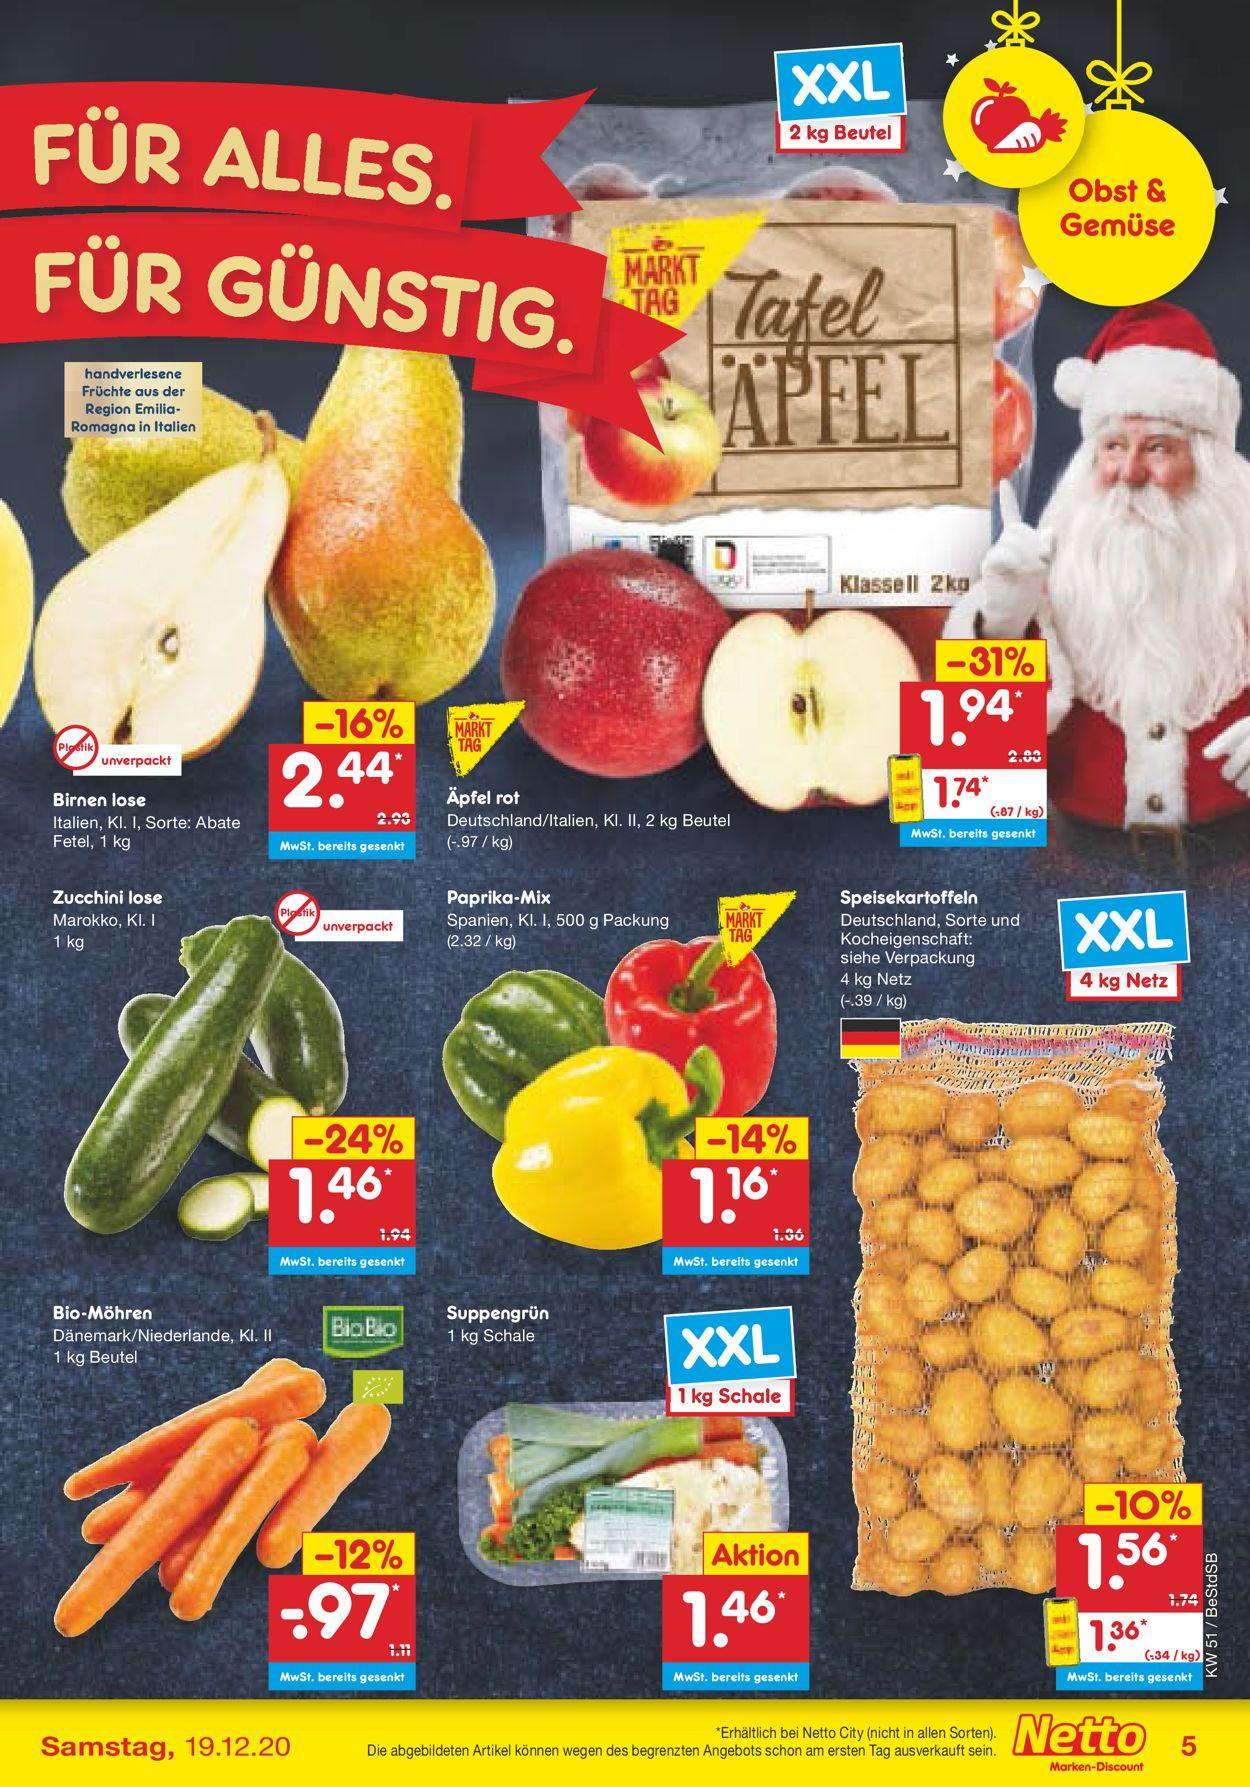 Netto Marken-Discount Weihnachtsprospekt 2020 Prospekt - Aktuell vom 14.12-19.12.2020 (Seite 5)